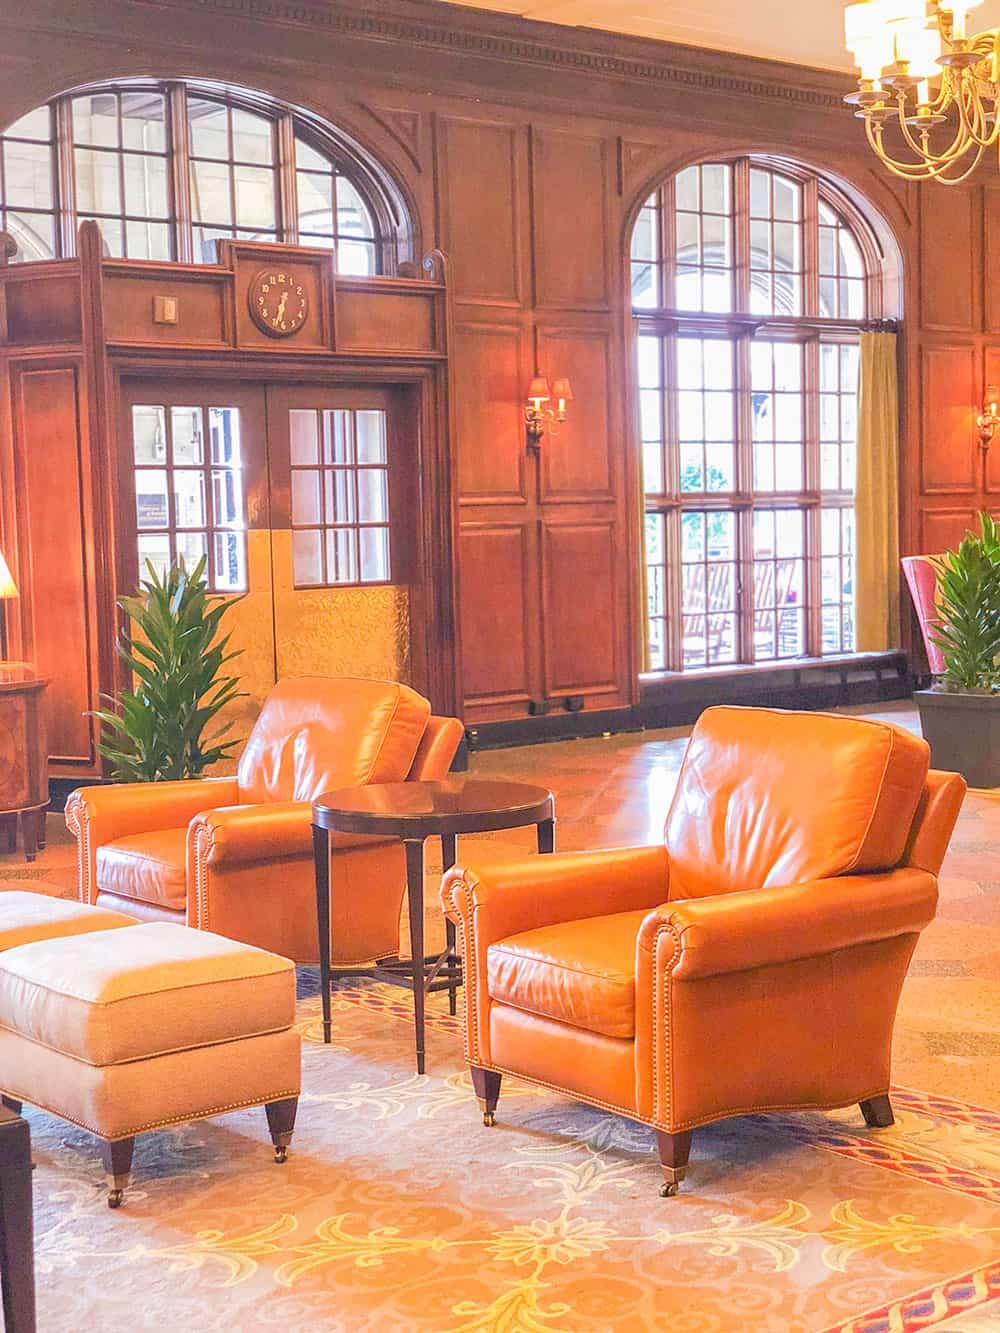 hotel roanoke lobby